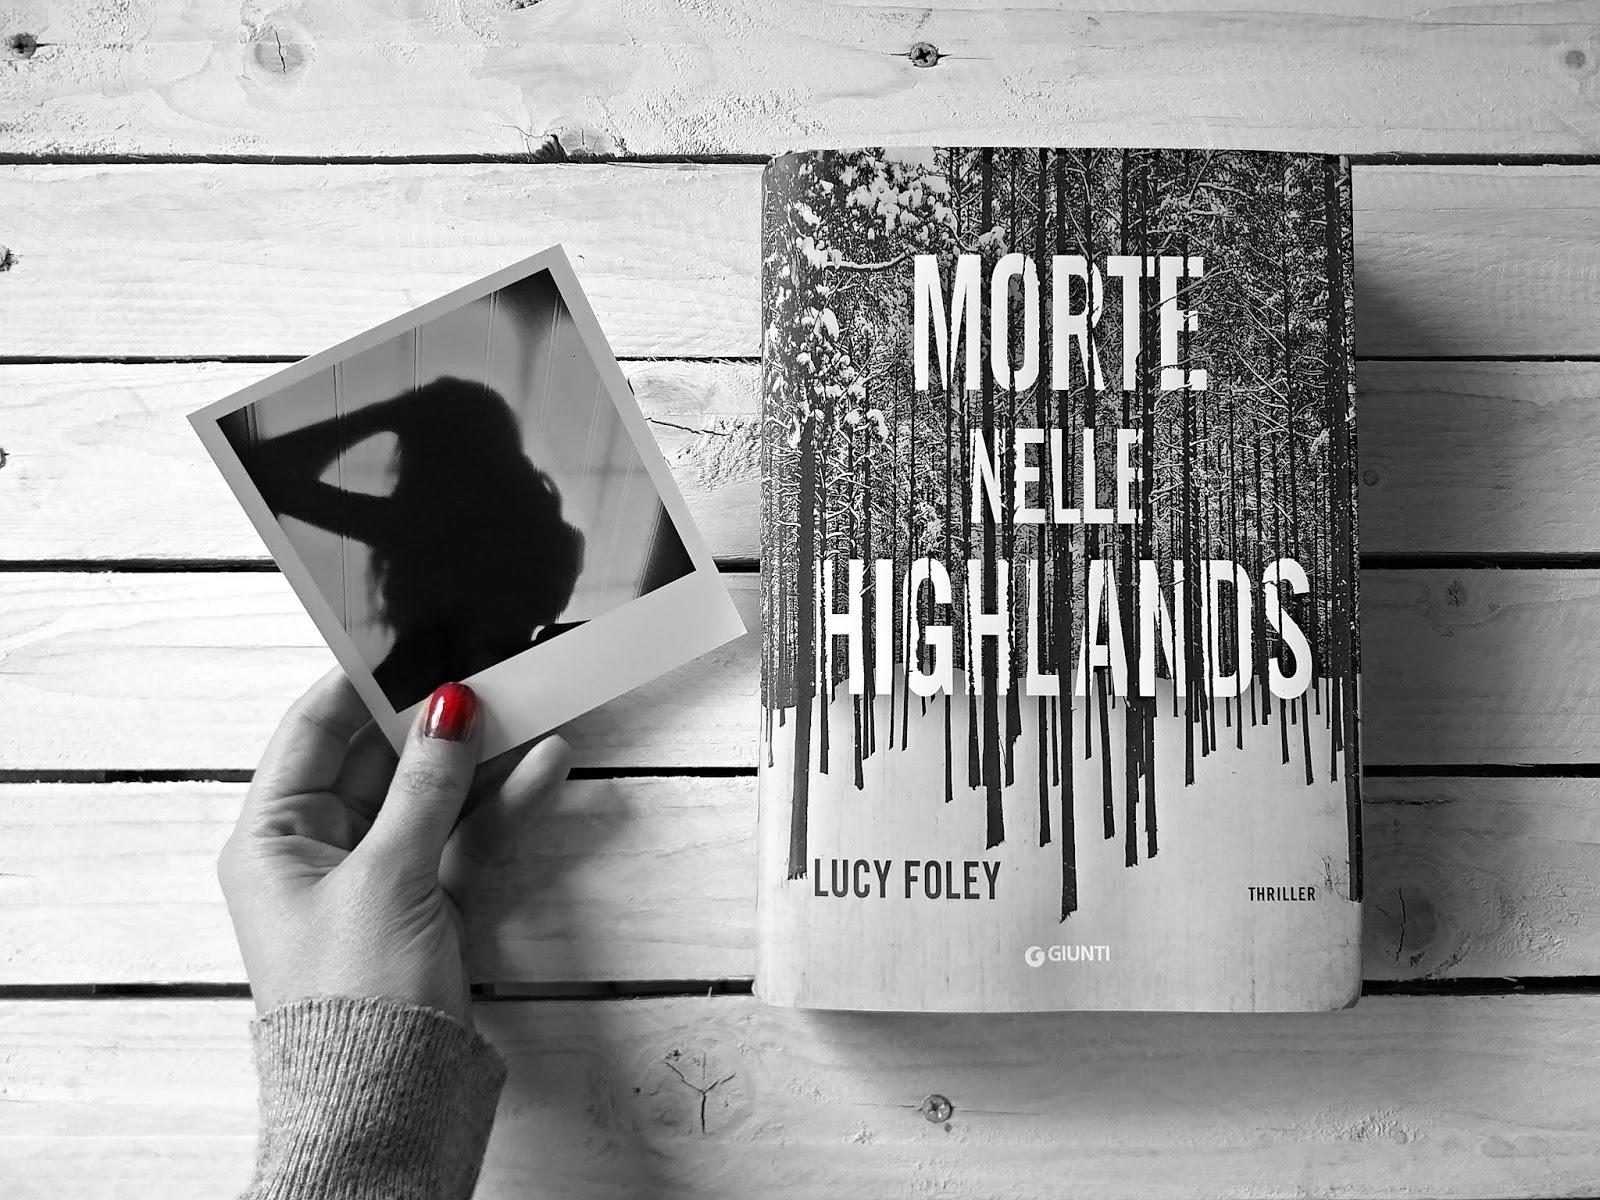 Lucy RecensioneMorte Foley Nelle Highlands Giunti 54L3ARjq